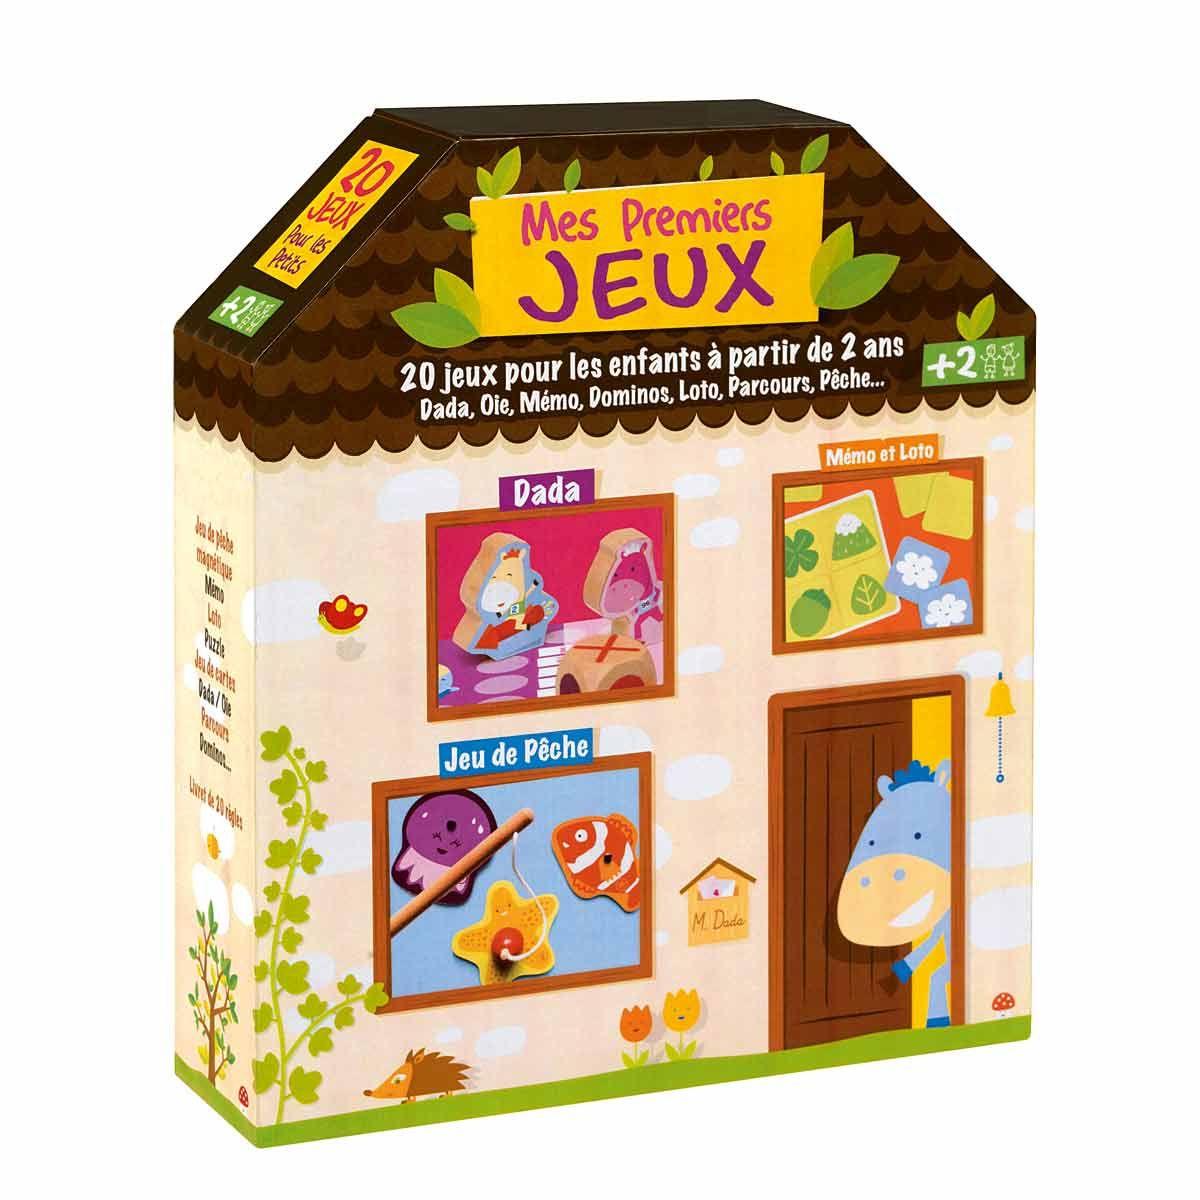 Jouets Oxybul Eveil Et Jeux - Coffret Mes Premiers Jeux Pour avec Jeux Pour Petite Fille